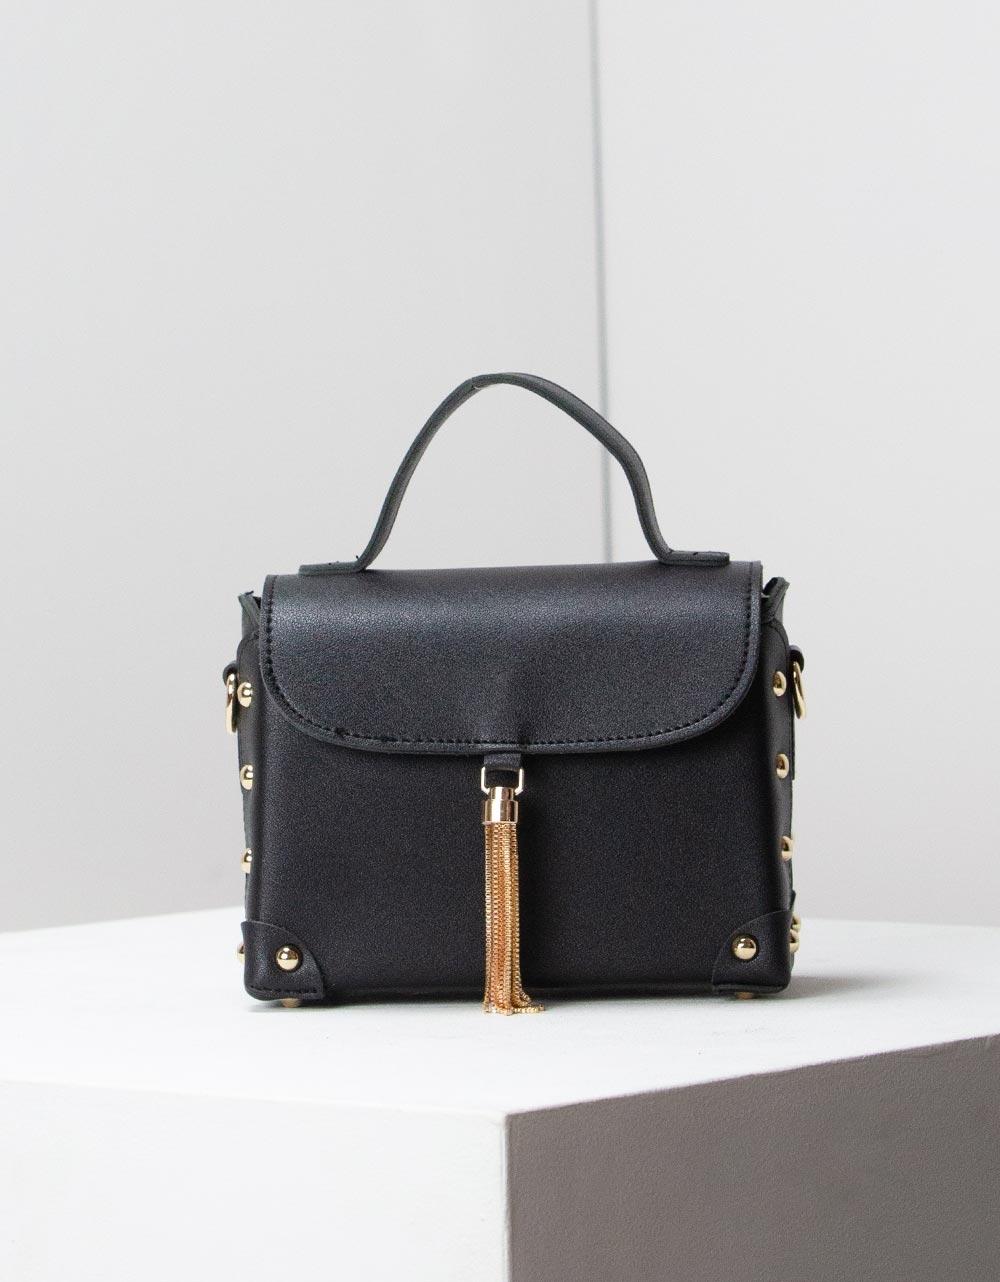 Εικόνα από Γυναικεία τσάντα ώμου με εξωτερική θήκη Μαύρο